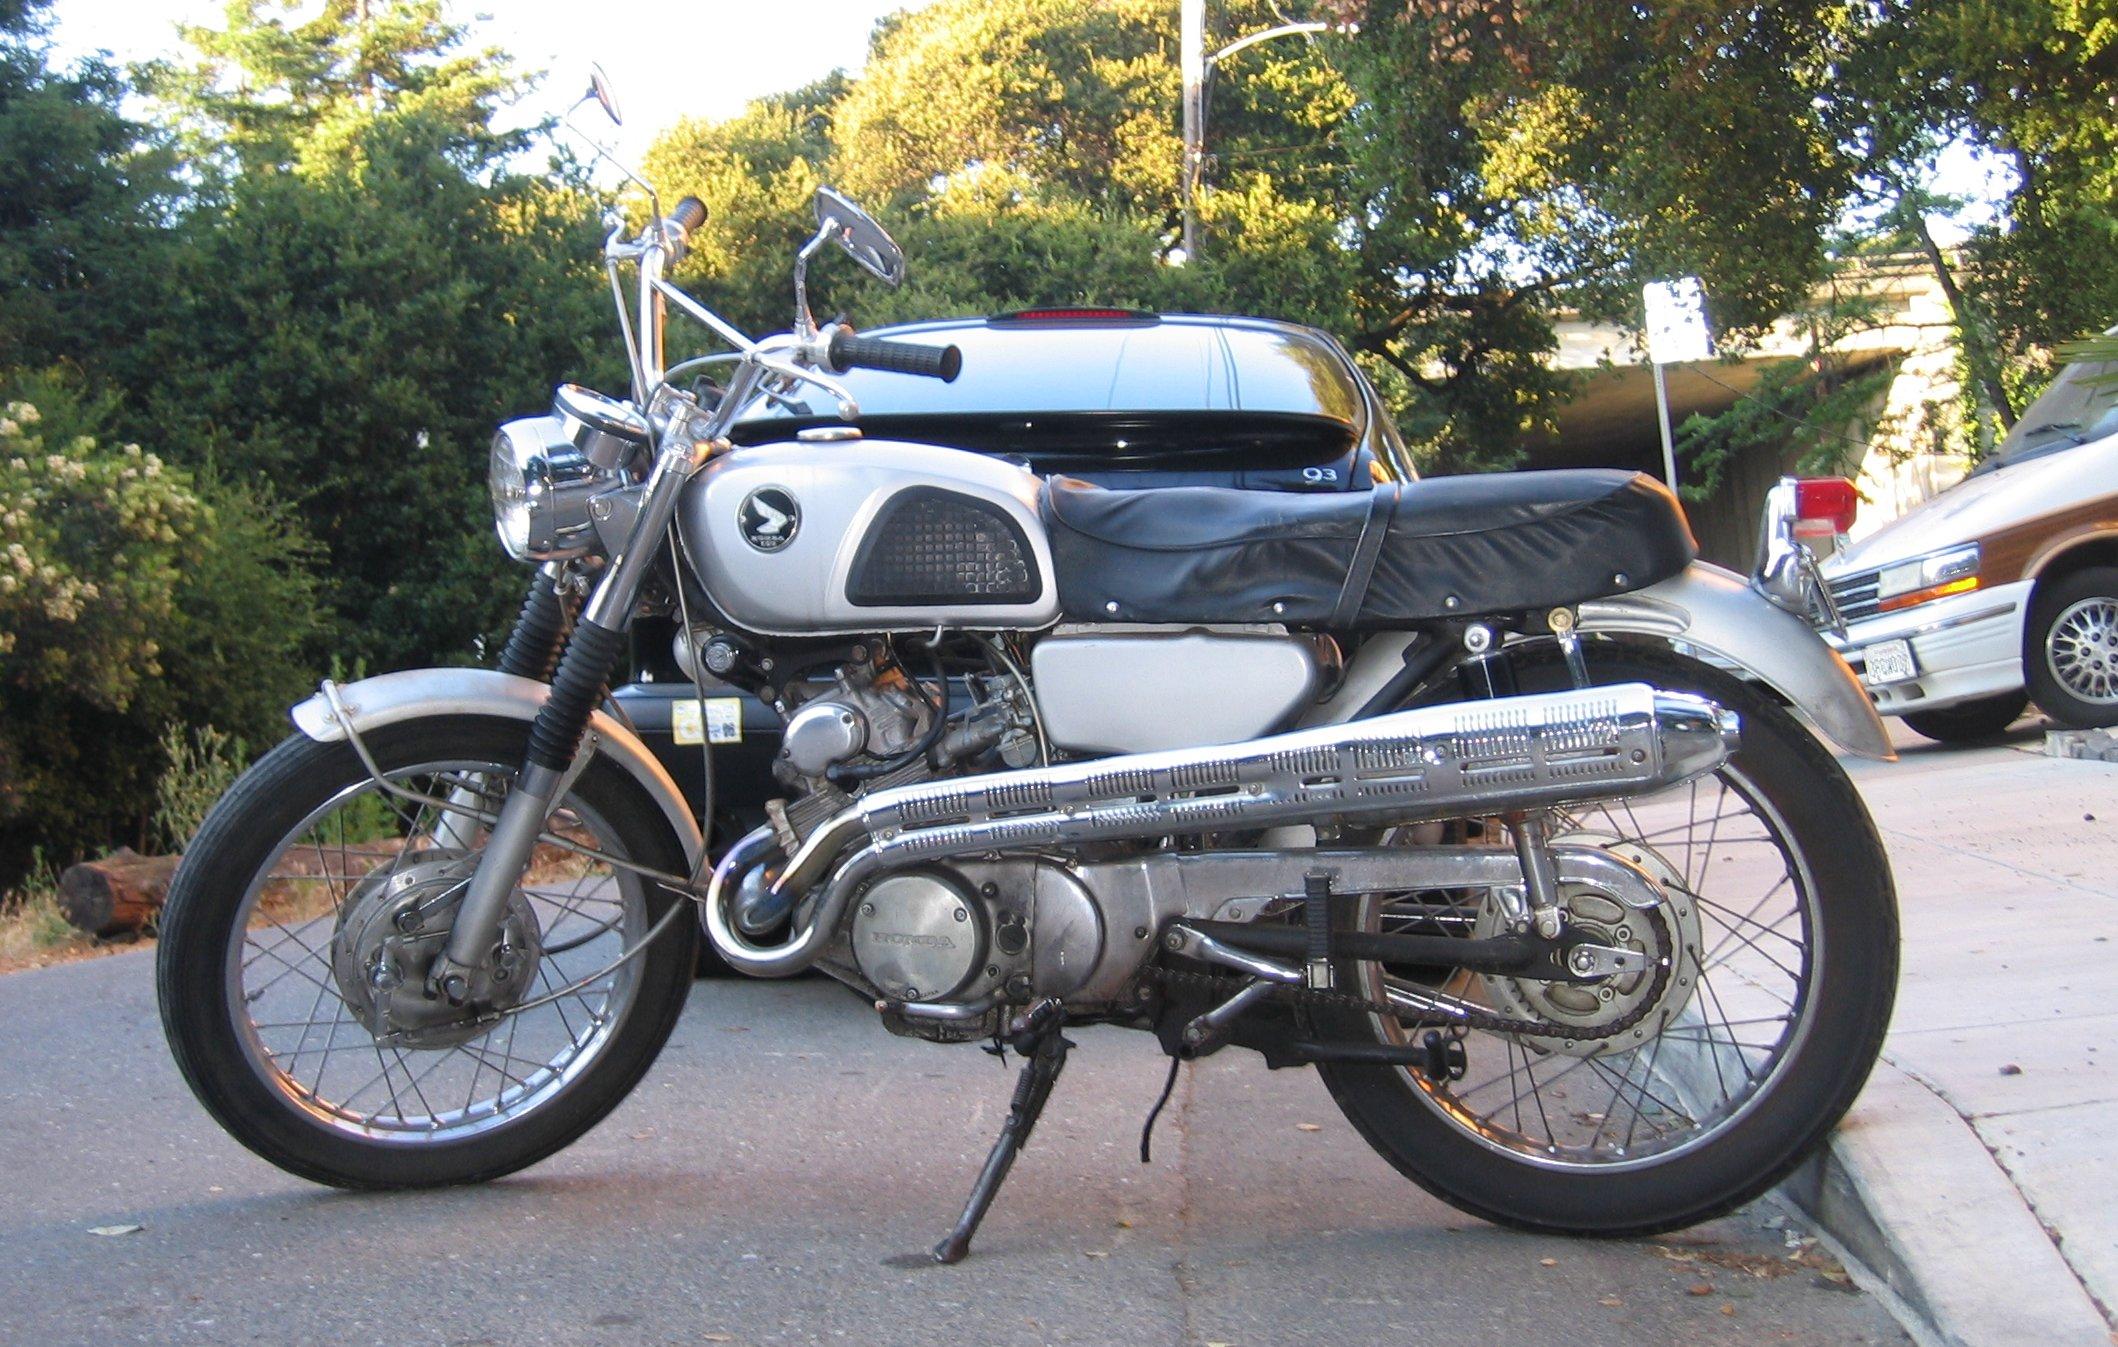 Ducati Scrambler For Sale Silver